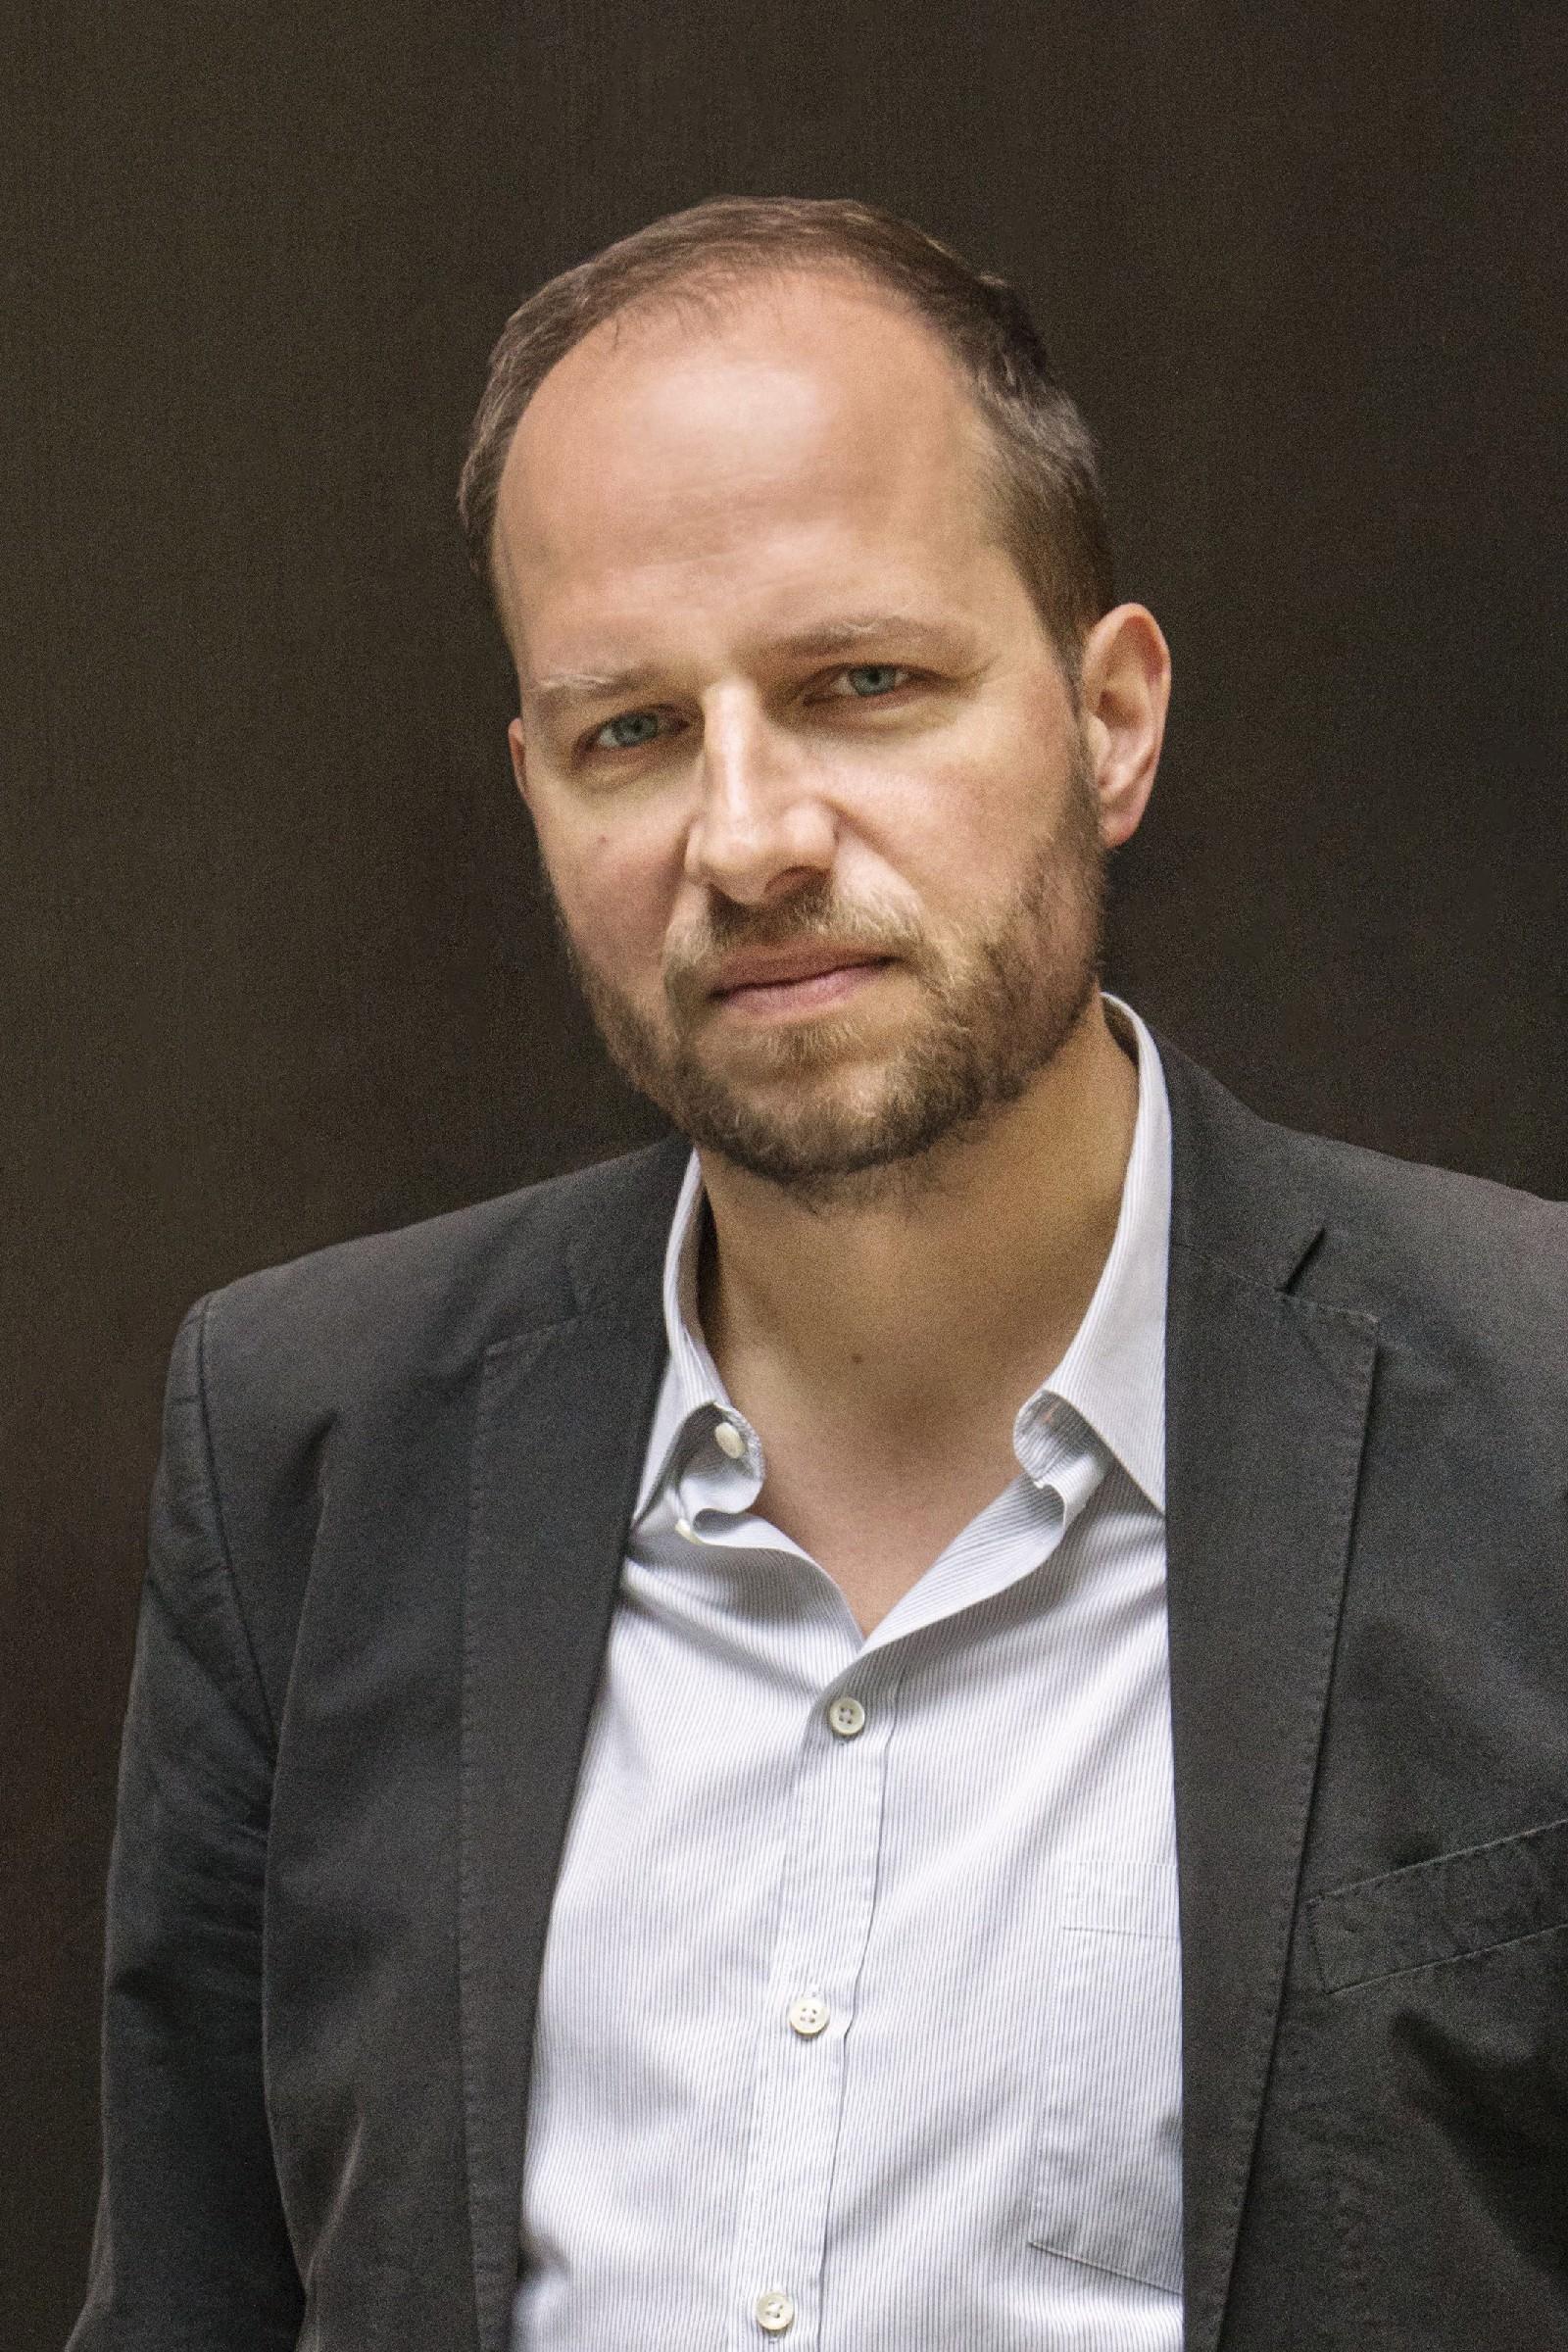 Empfohlen von holger liebs buchreport for Spiegel jahresbestseller 2016